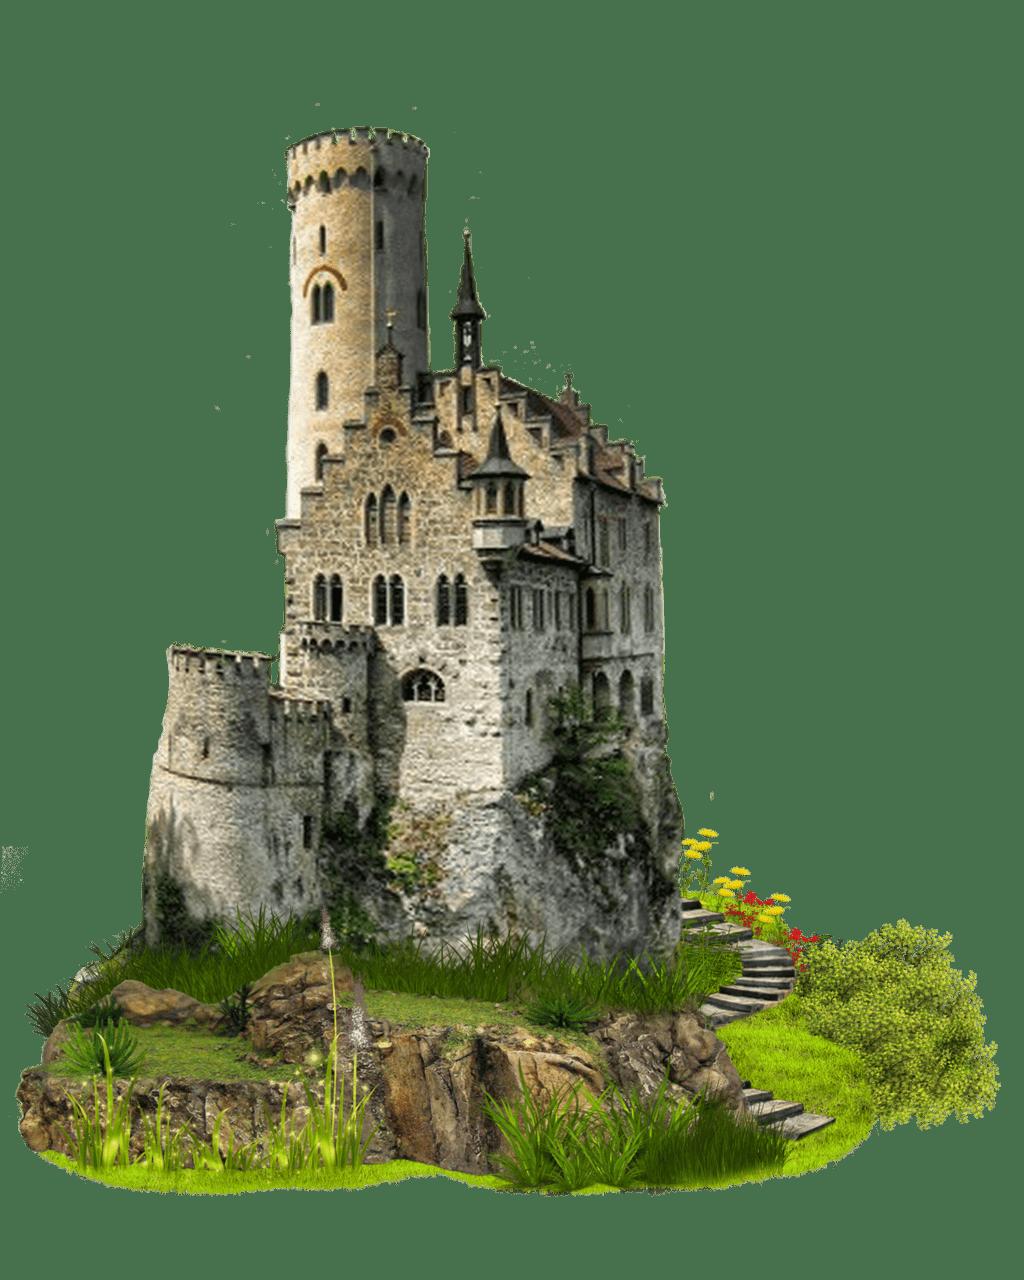 Tower clipart 3d castle. Bridge transparent png stickpng